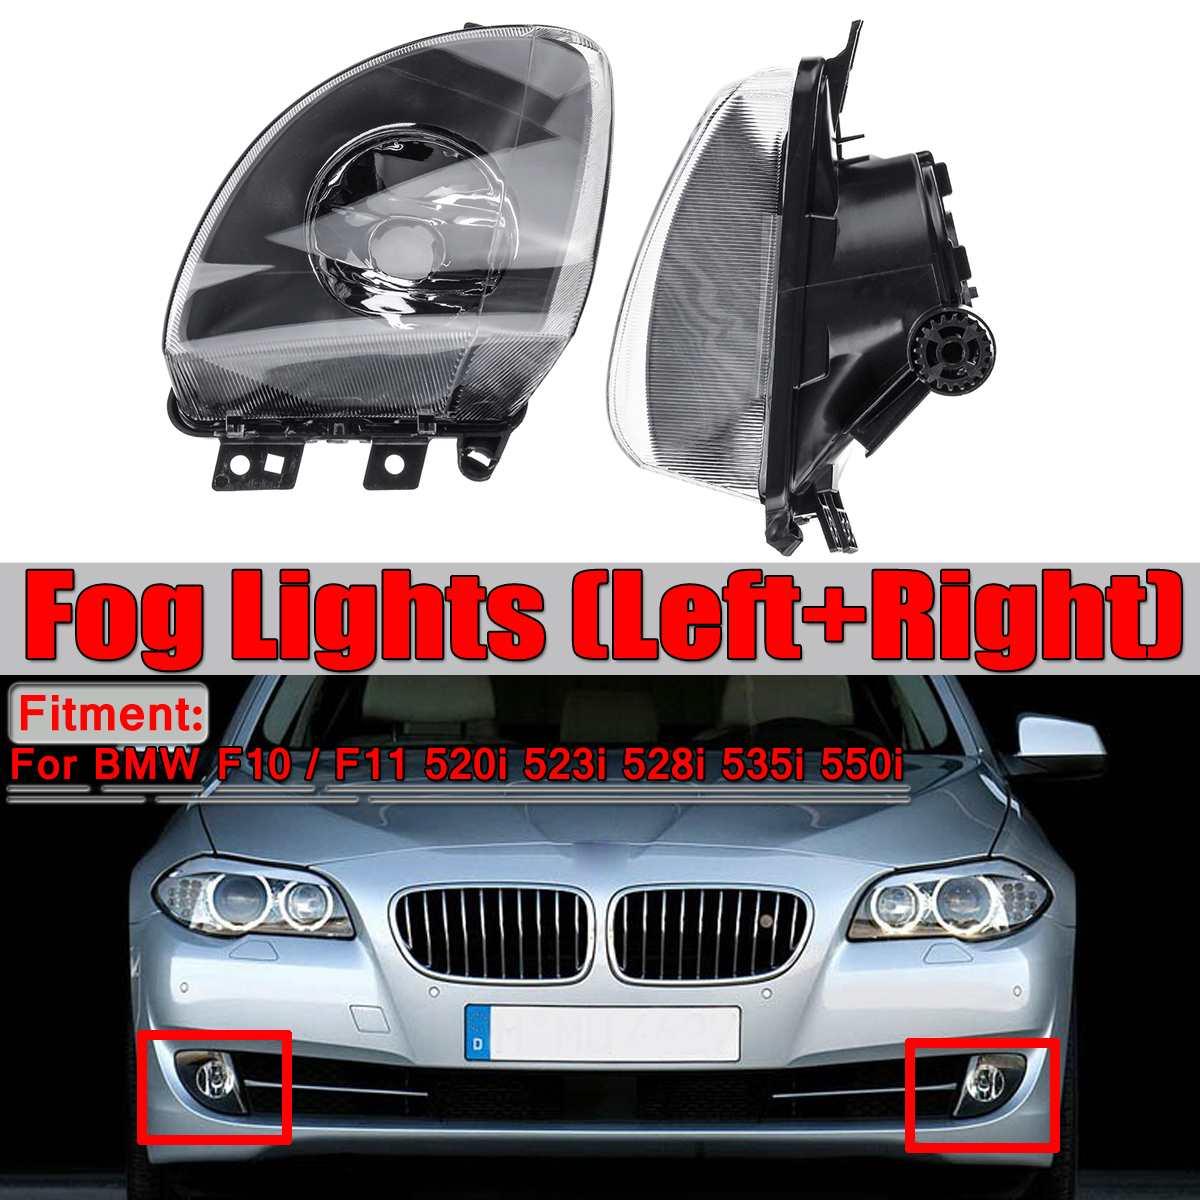 Par de faros antiniebla de coche para BMW 5 Series F10 F11 520i 523i 528i 535i 550i de repuesto sin bombillas antiniebla para coches